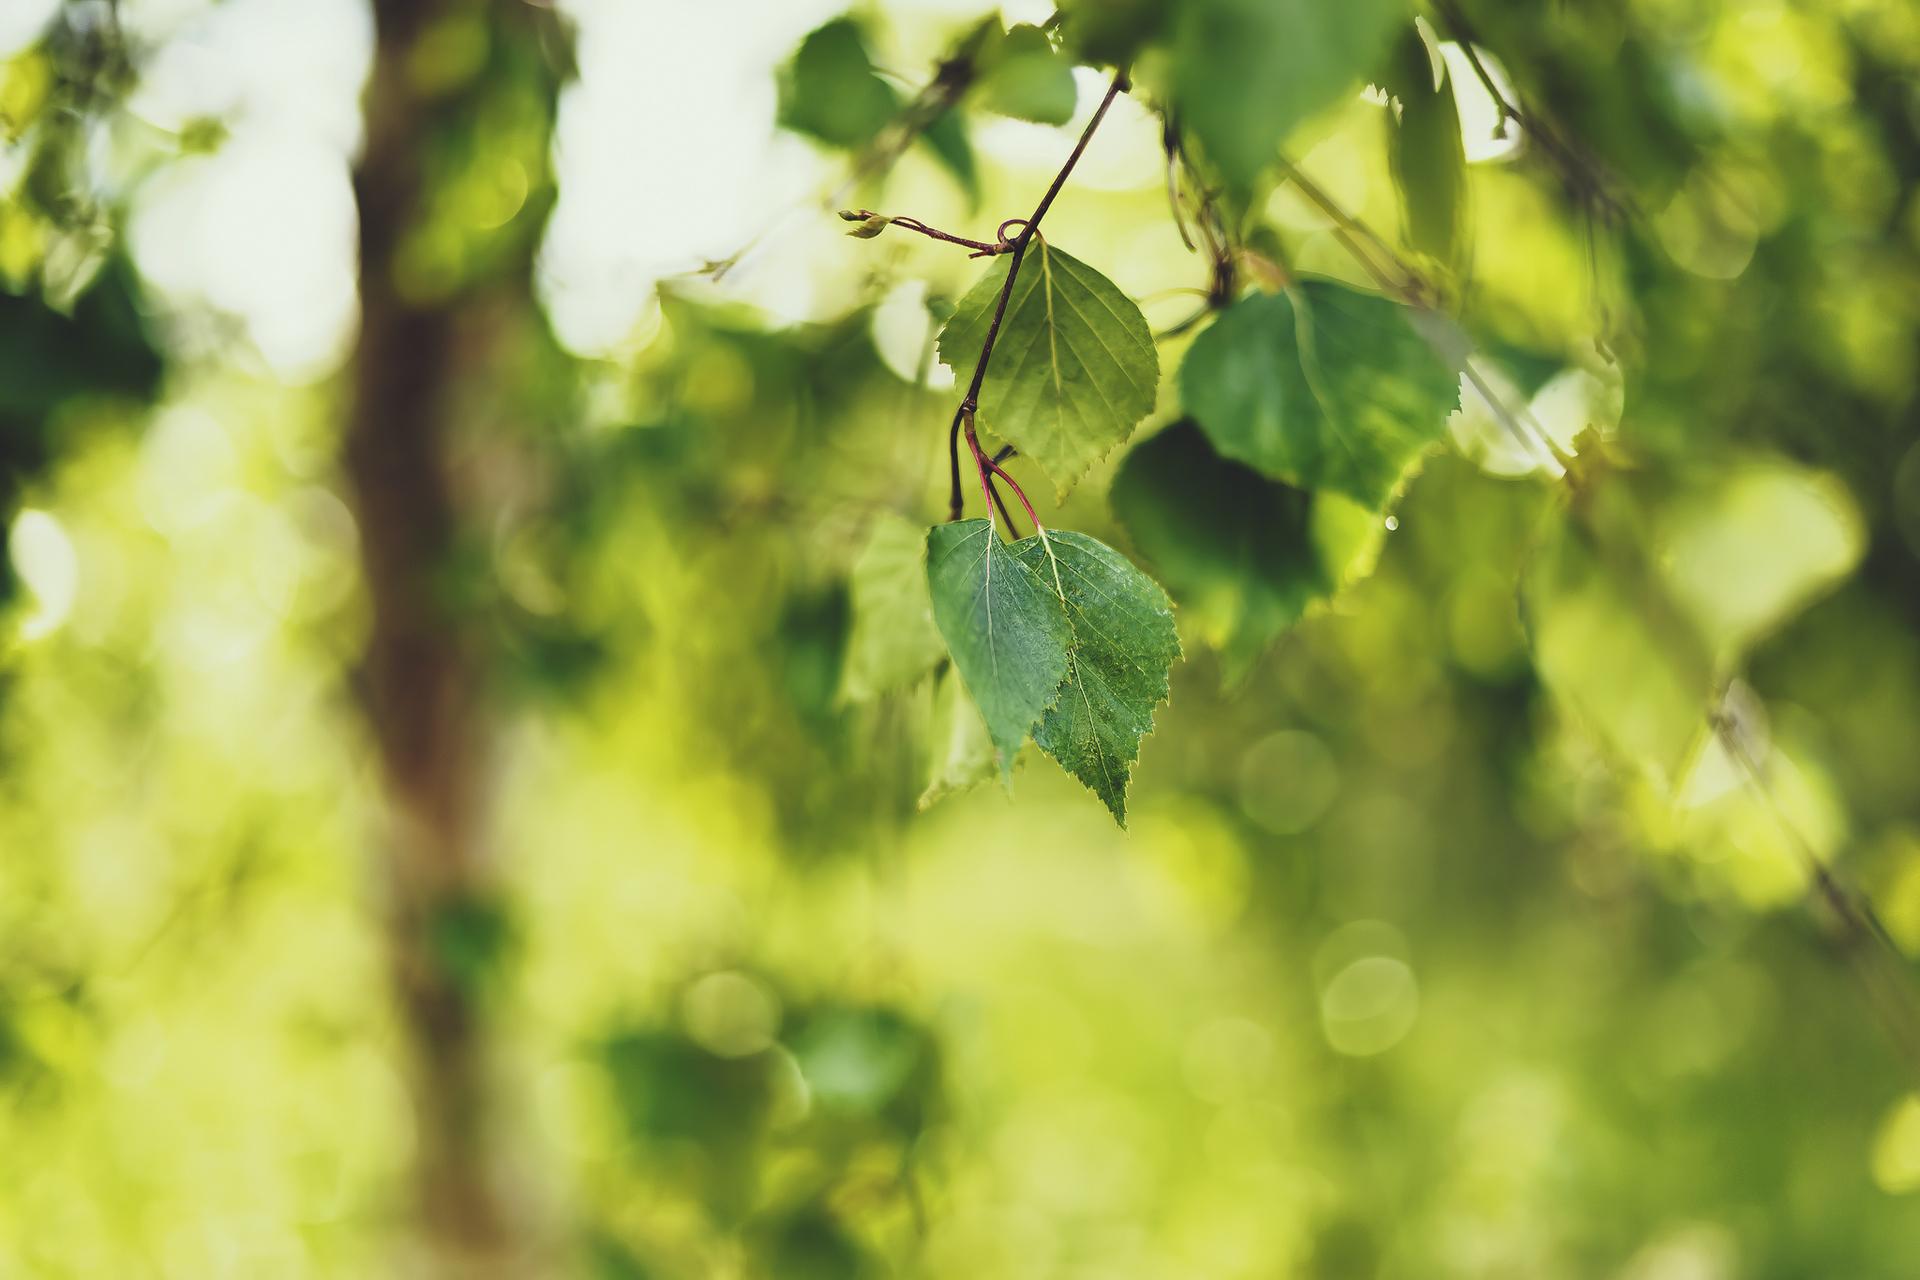 листья зелень фокус  № 1341583 бесплатно